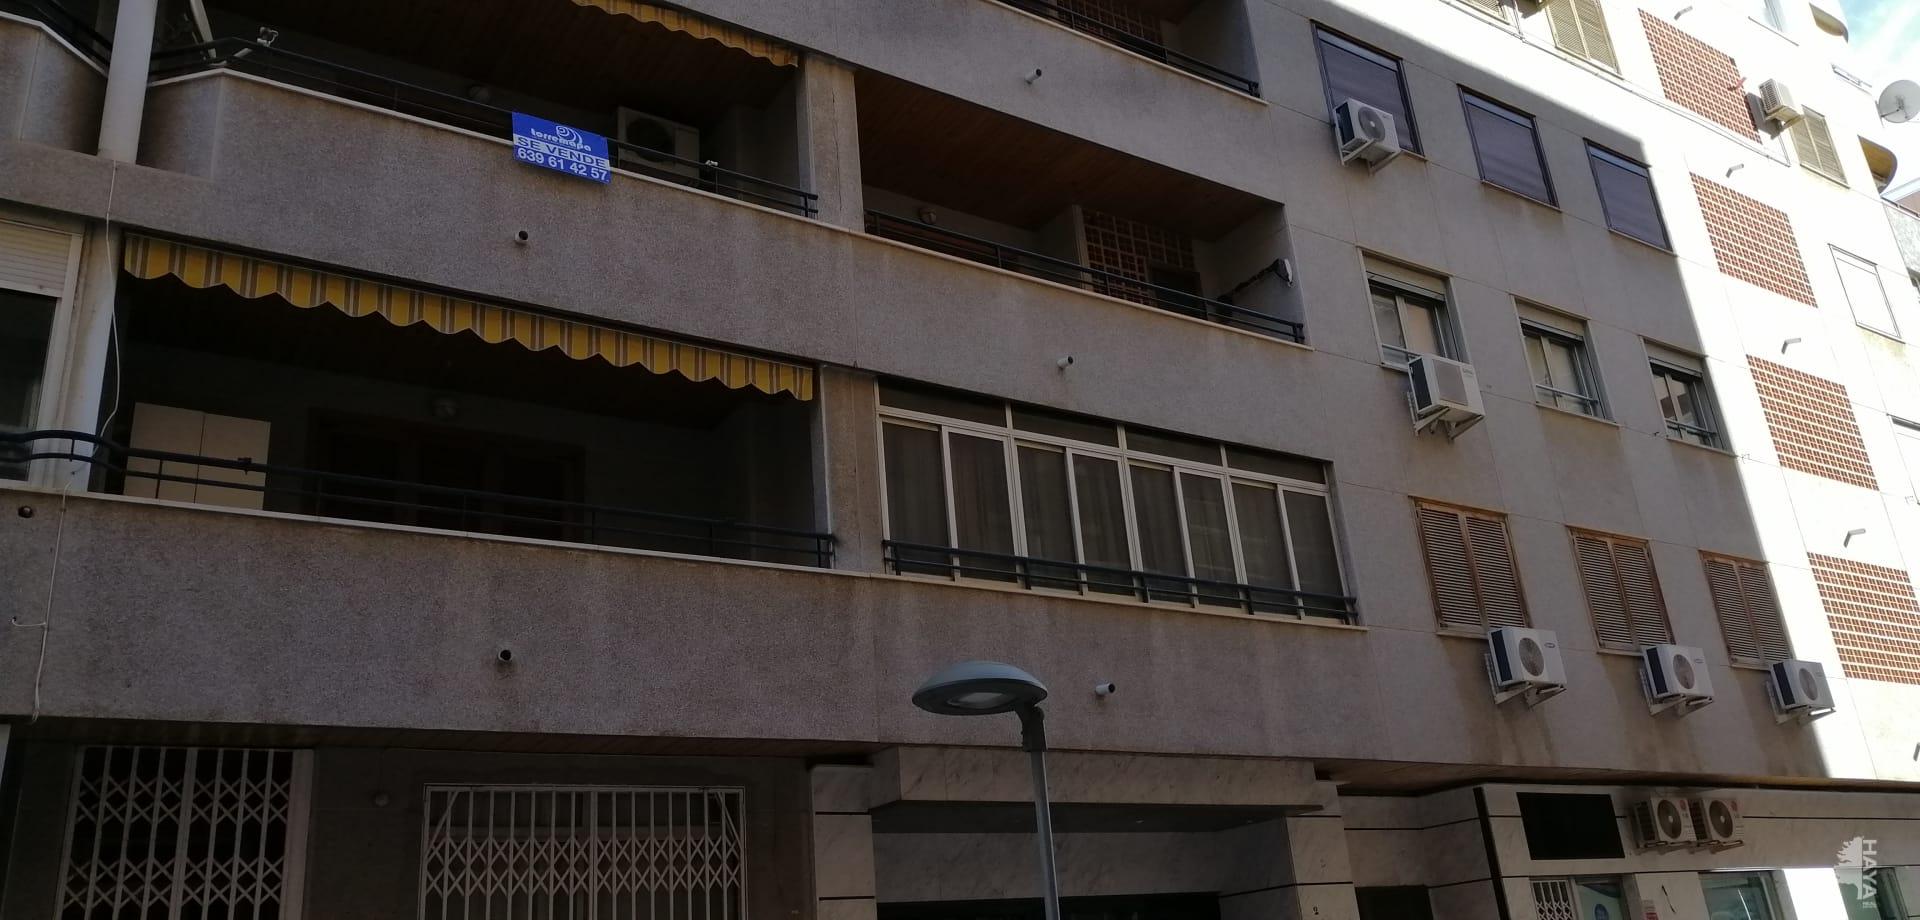 Piso en venta en Torrevieja, Alicante, Calle Doctor Gregorio Marañon, 86.200 €, 2 habitaciones, 1 baño, 68 m2